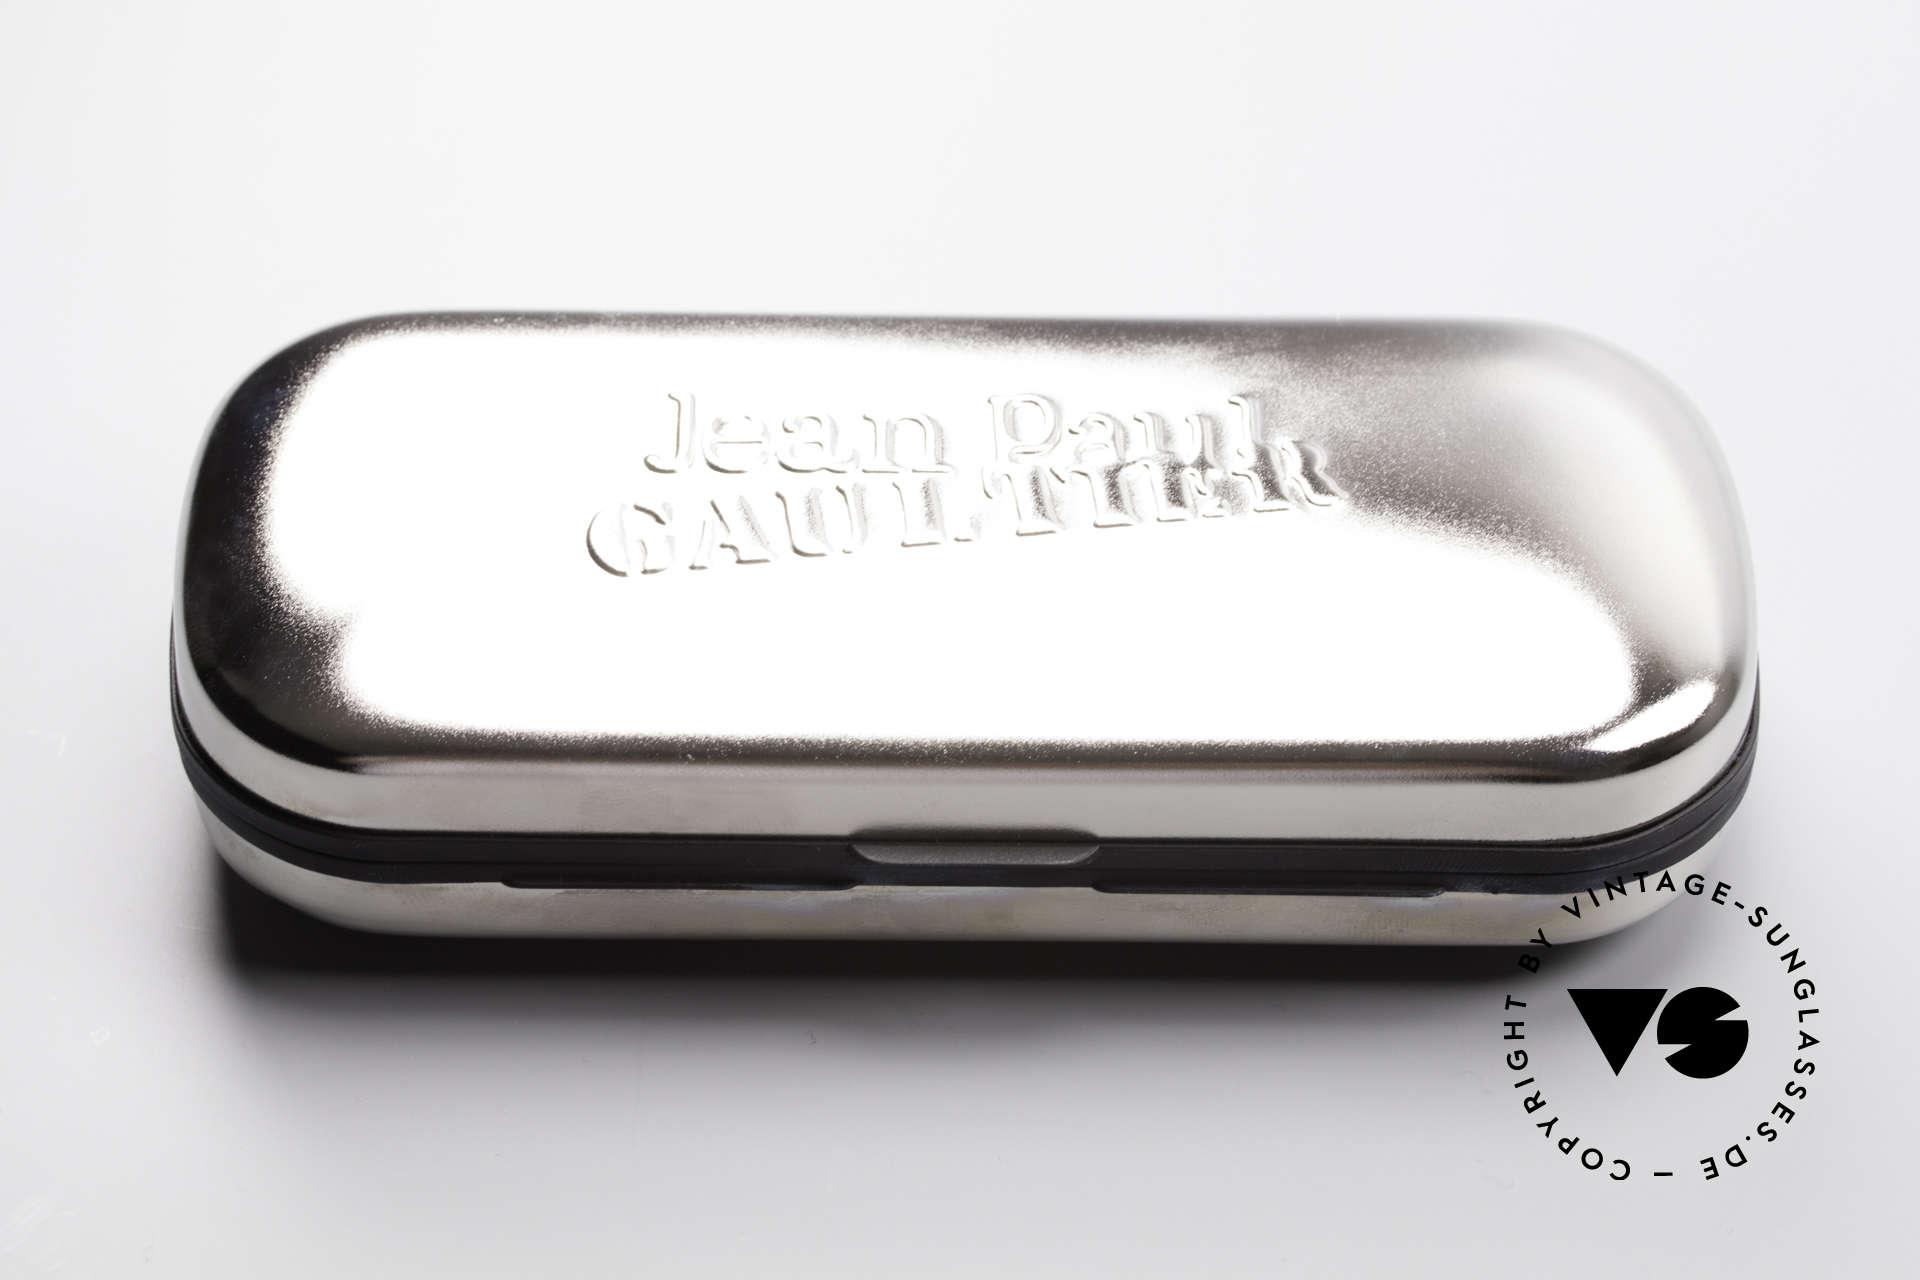 Jean Paul Gaultier 10 Cases Alte Original Gaultier Etuis, passend für fast alle vintage GAULTIER Brillen, Passend für Herren und Damen